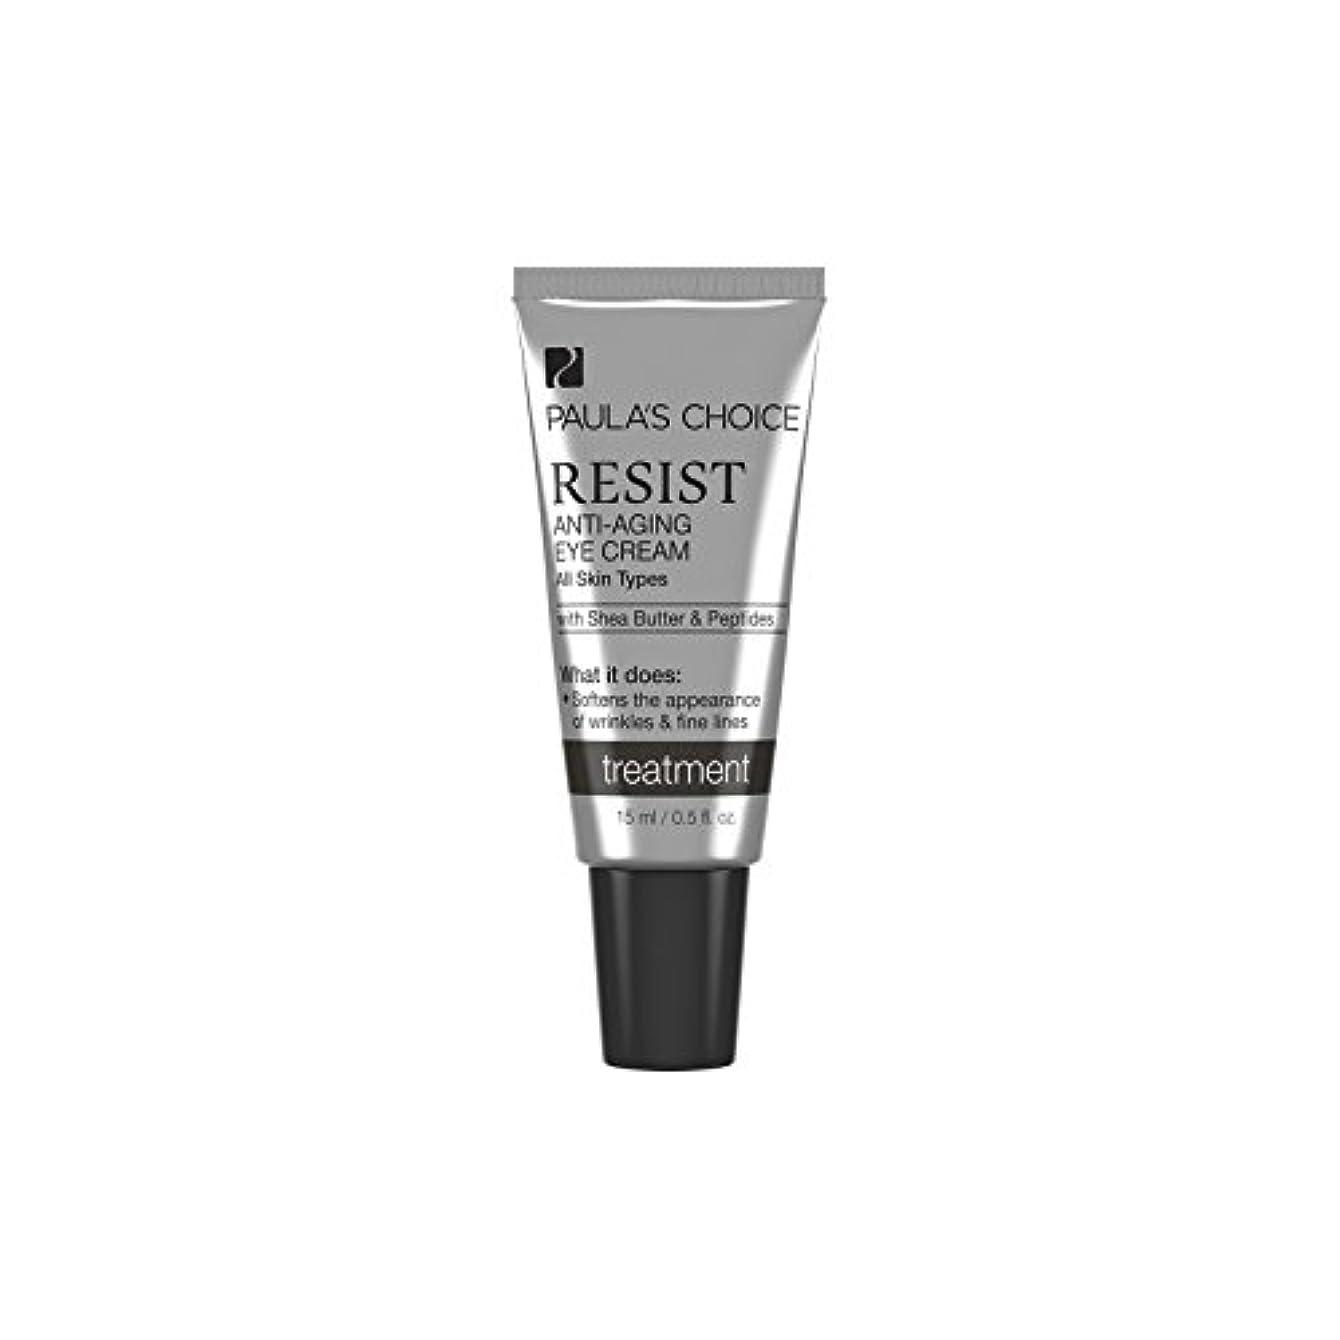 情報分布圧力Paula's Choice Resist Eye Cream - ポーラチョイスは、アイクリームを抵抗します [並行輸入品]